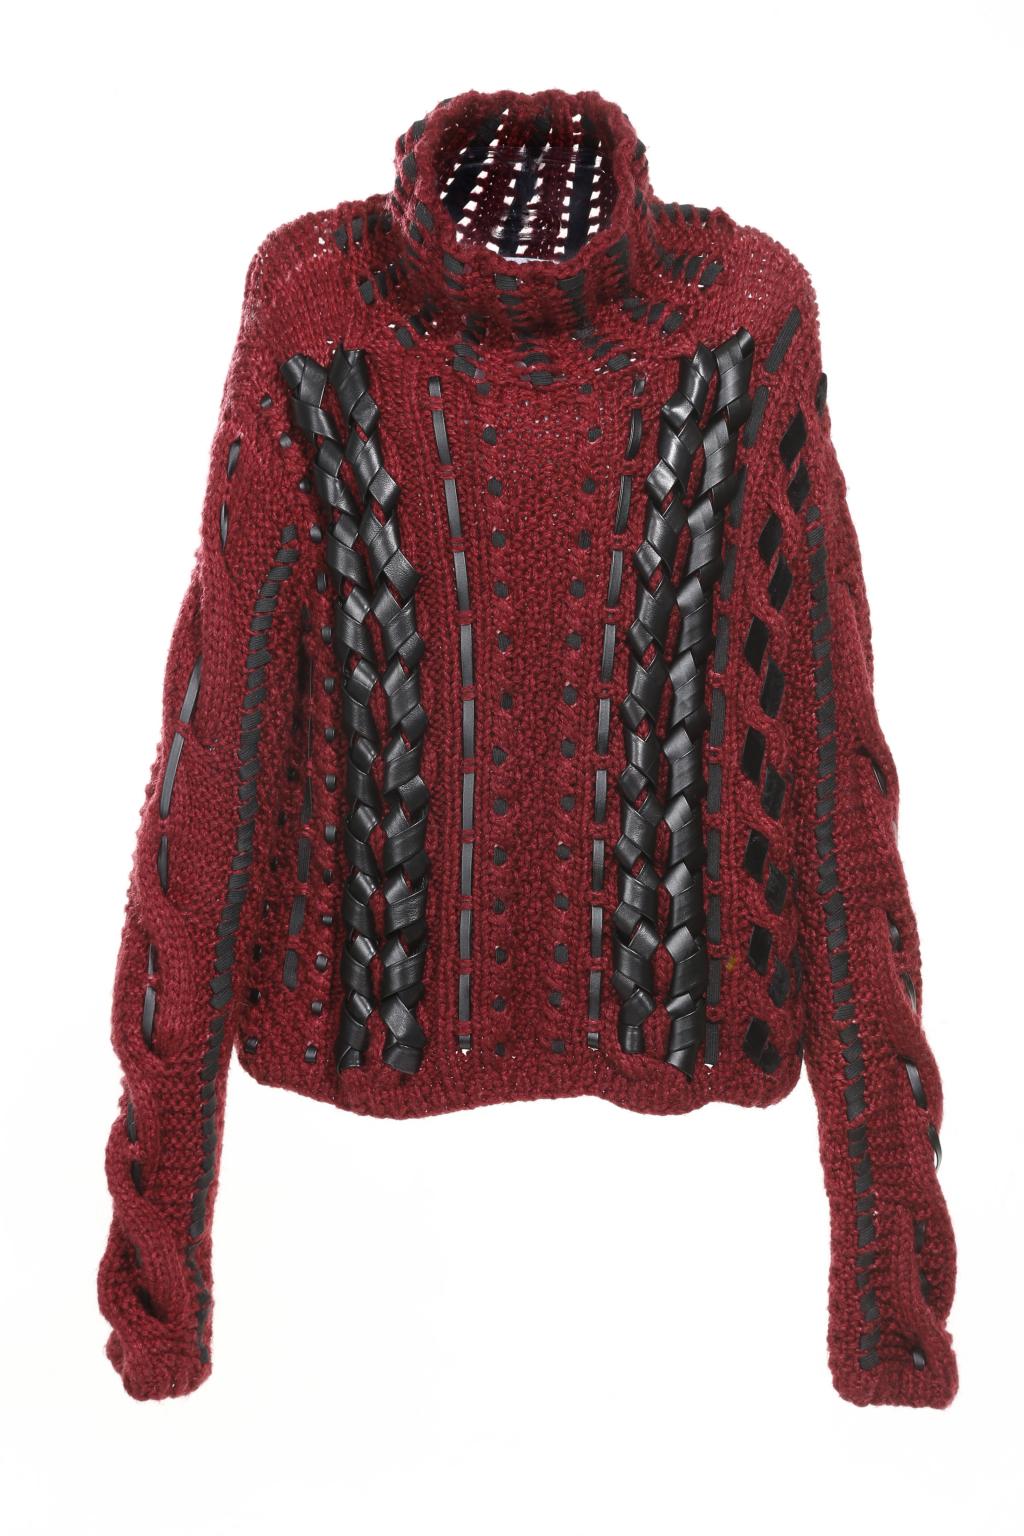 Модный бордовый свитер тренд сезона из коллекции Altuzarra..